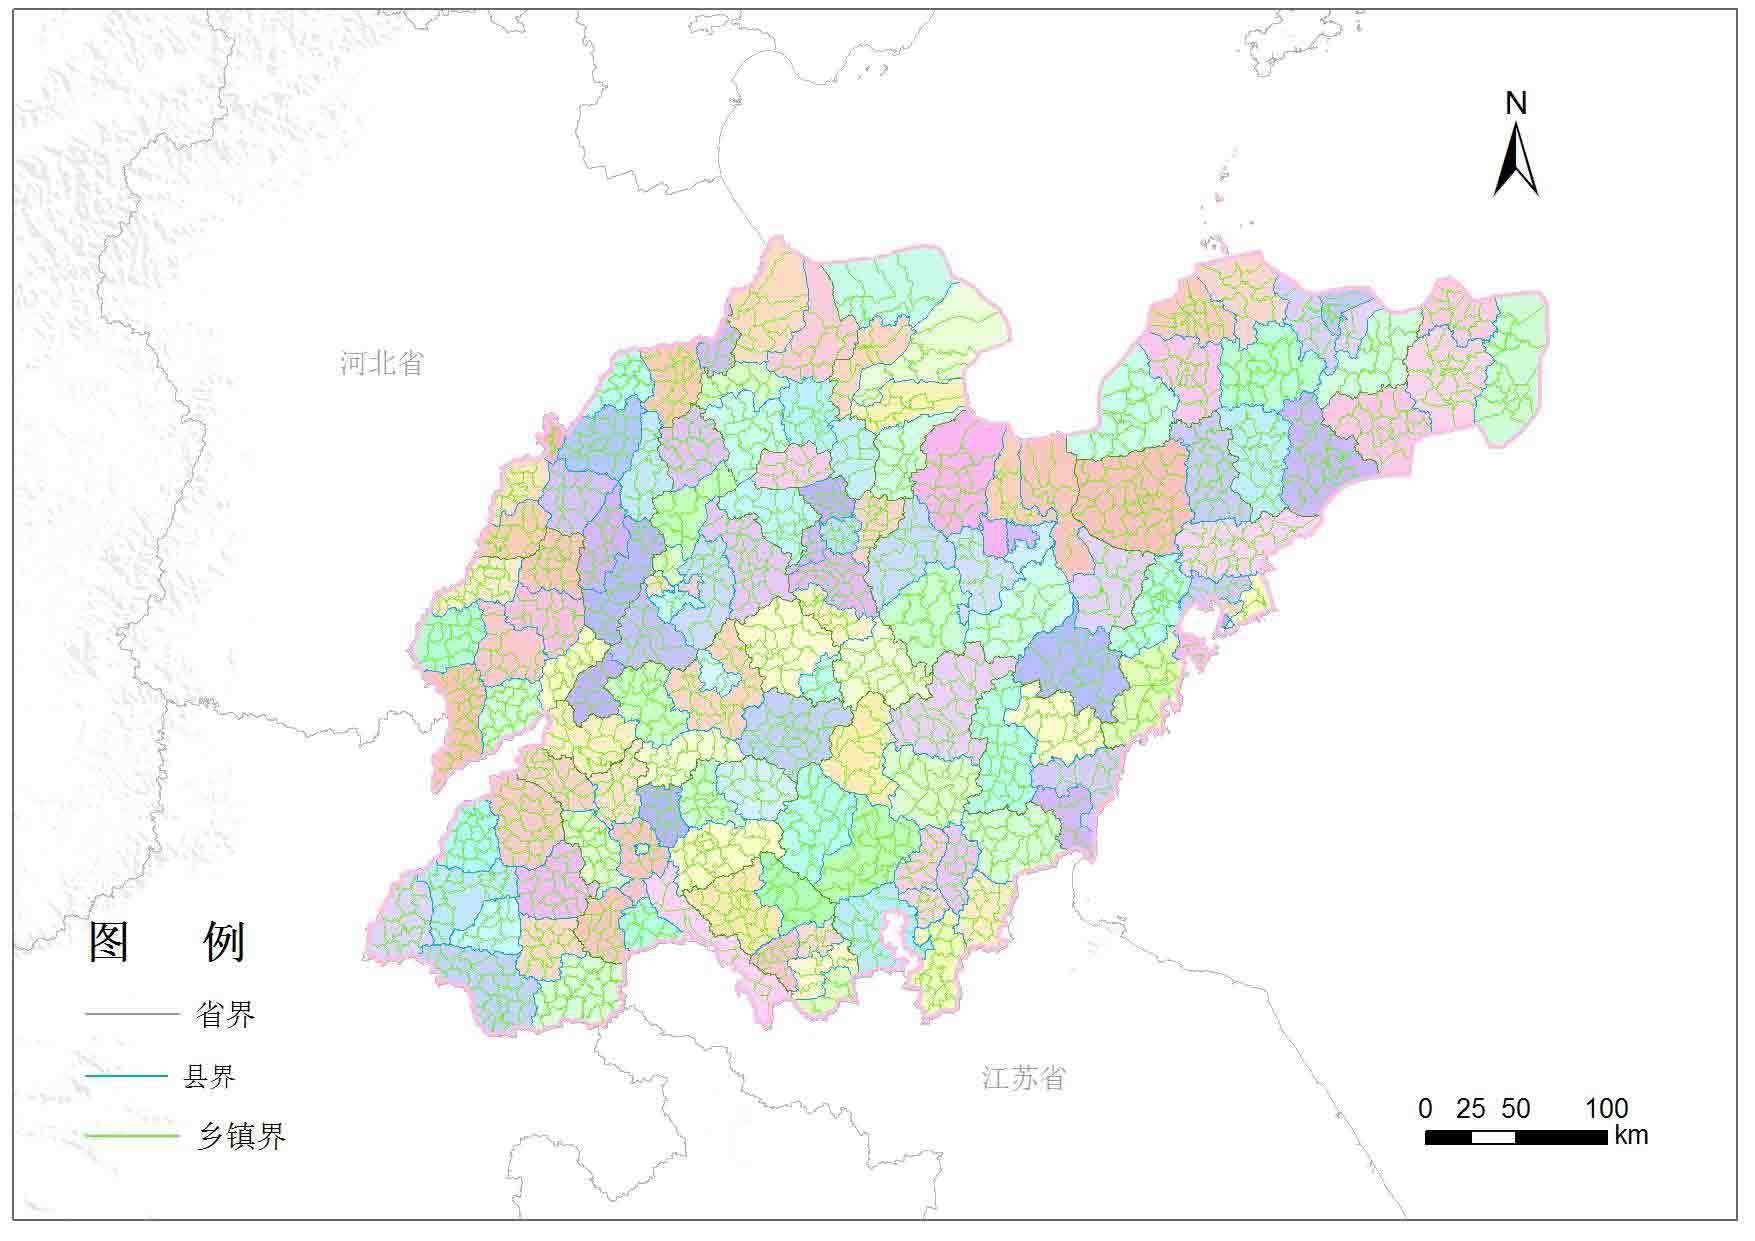 山东省县区地图|山东省县市分布-矢量地图